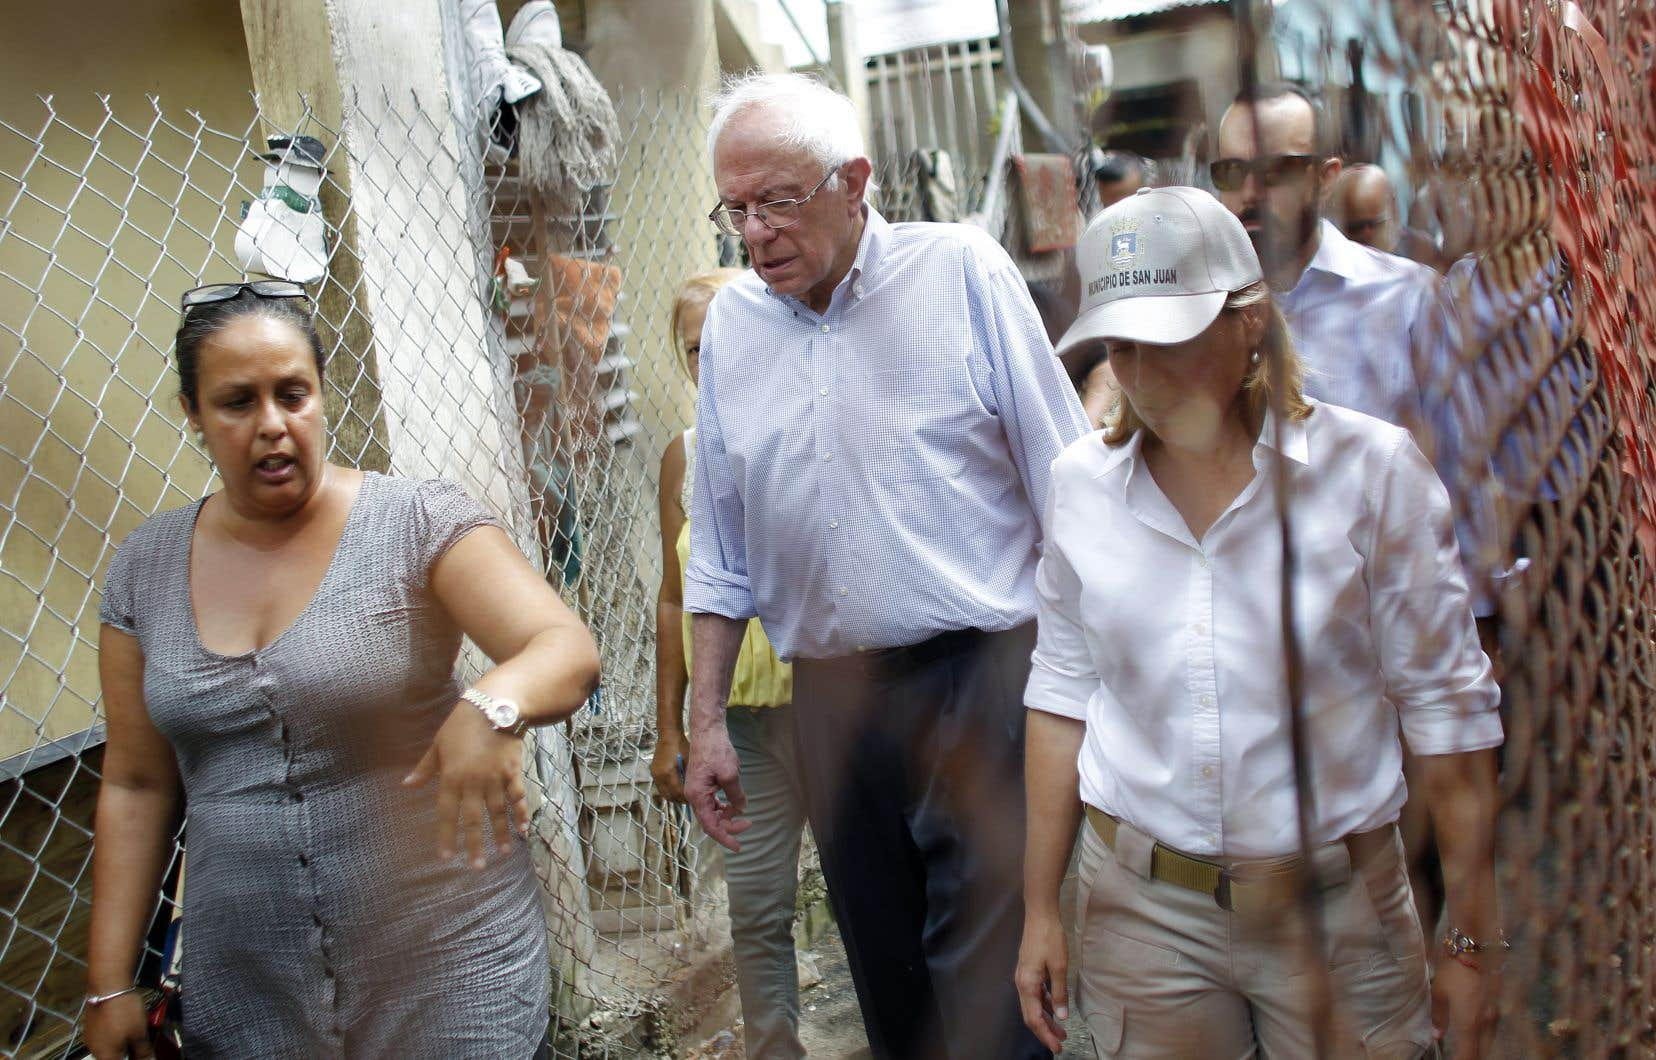 Le sénateur du Vermont, Bernie Sanders, était de passage à San Juan pour constater l'ampleur des dégâts laissés par le passage de l'ouragan «Maria», le 27 octobre.